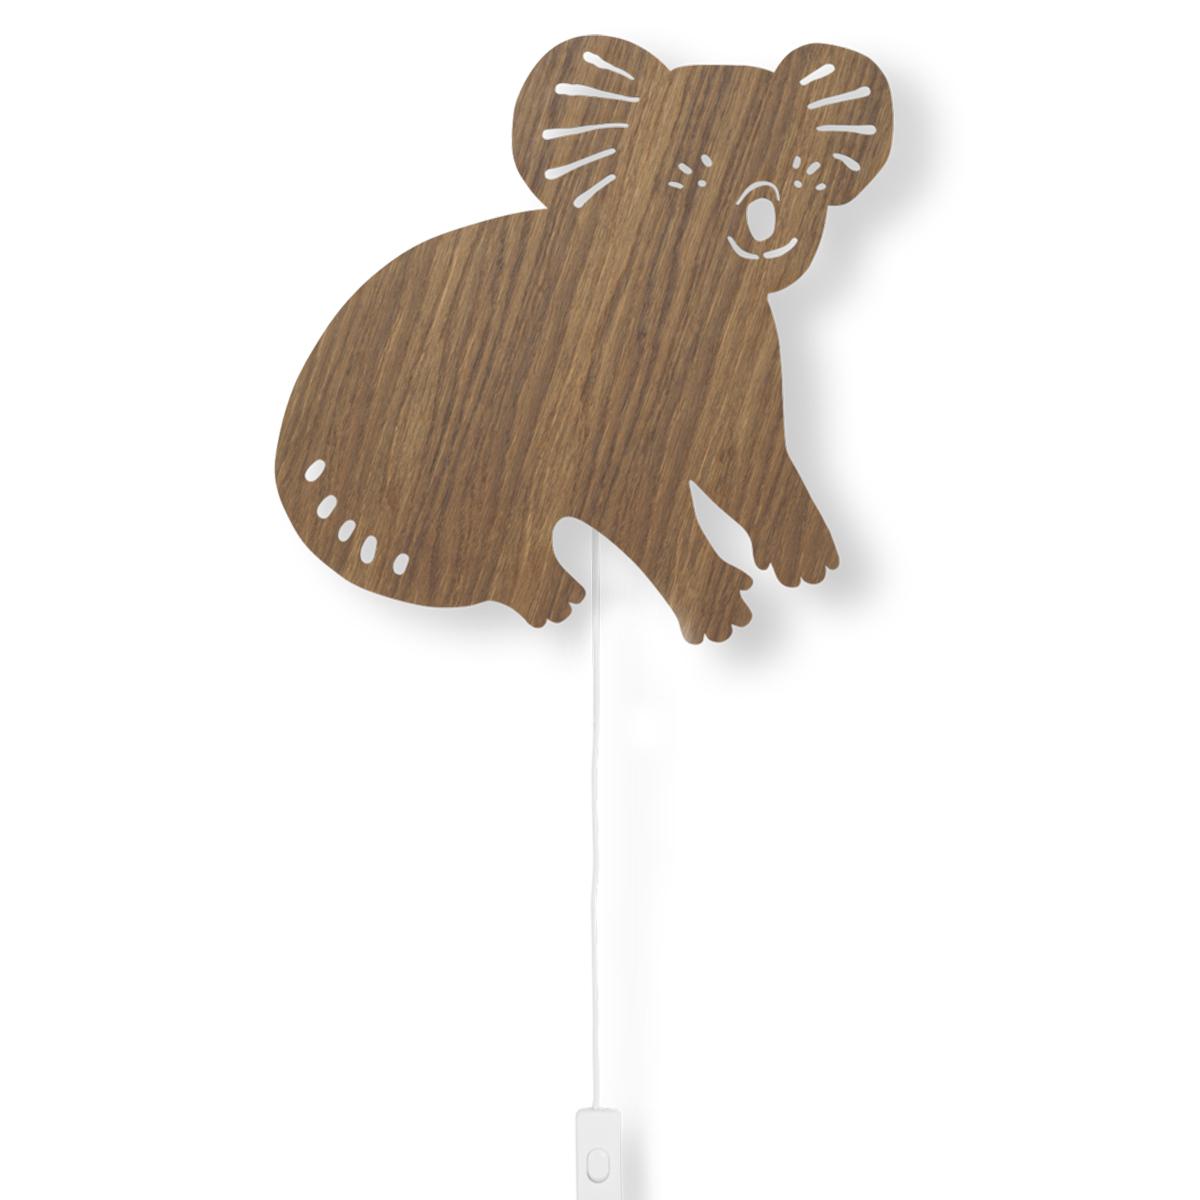 Suspension  décorative Applique Koala - Chêne Fumé Applique Koala - Chêne Fumé